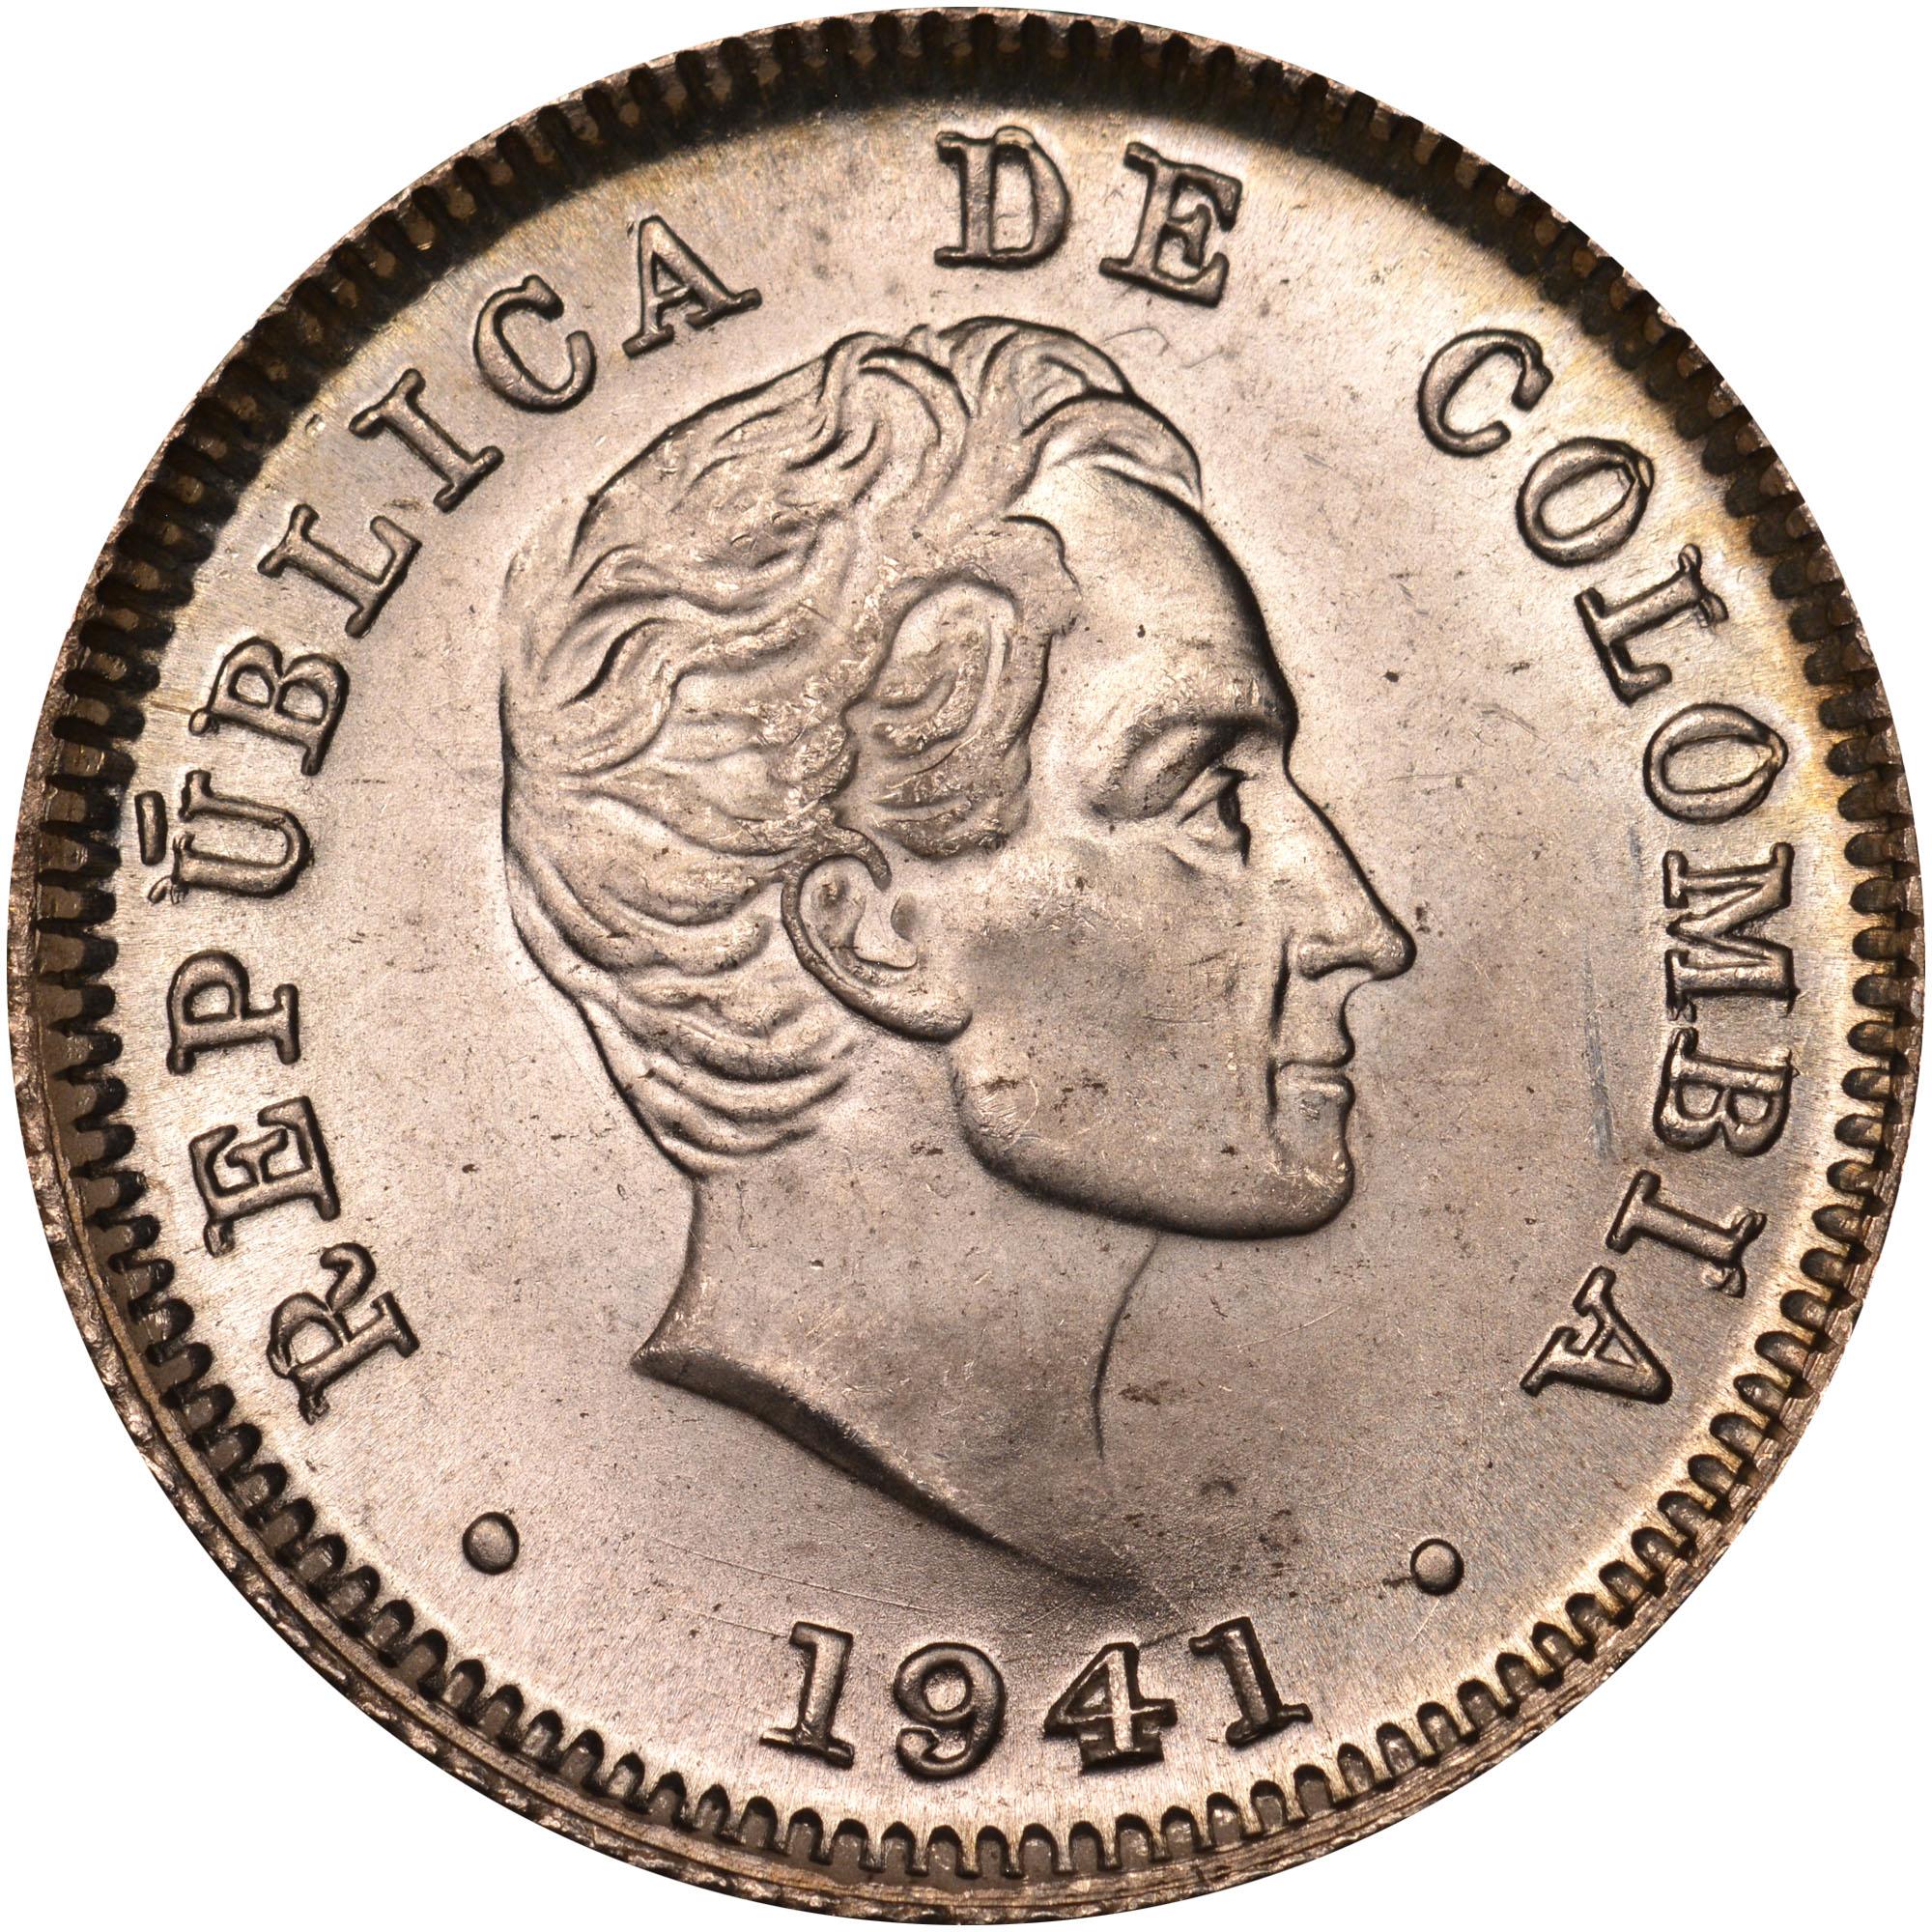 1911-1942 Colombia 10 Centavos obverse